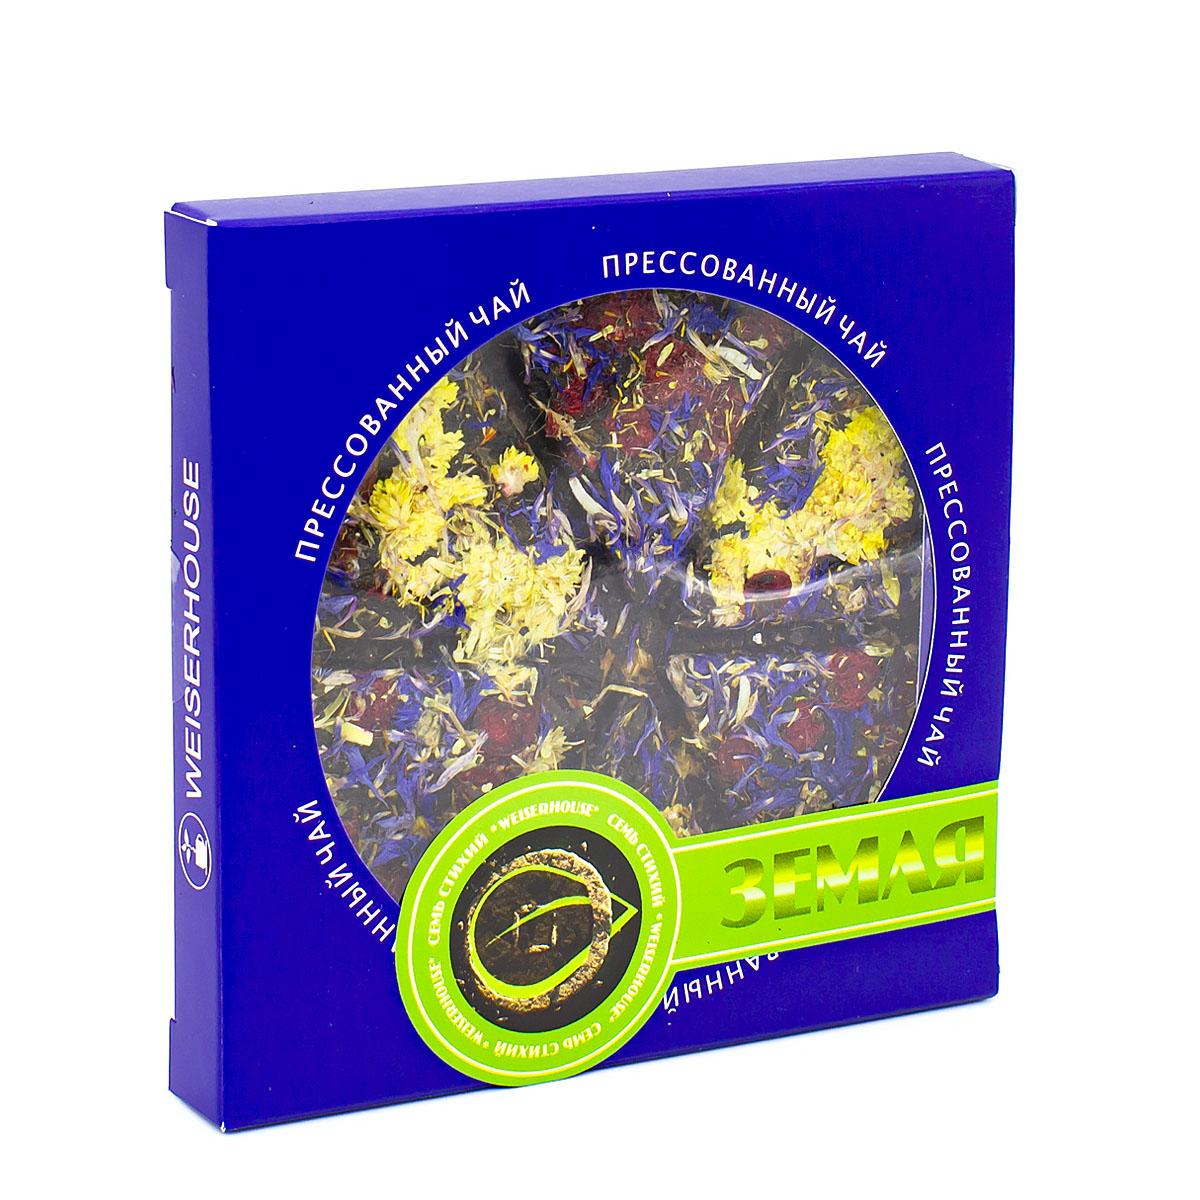 Фото - Чай чёрный Земля, прессованный, блин, 75 г чай чёрный вселенная прессованный блин 75 г